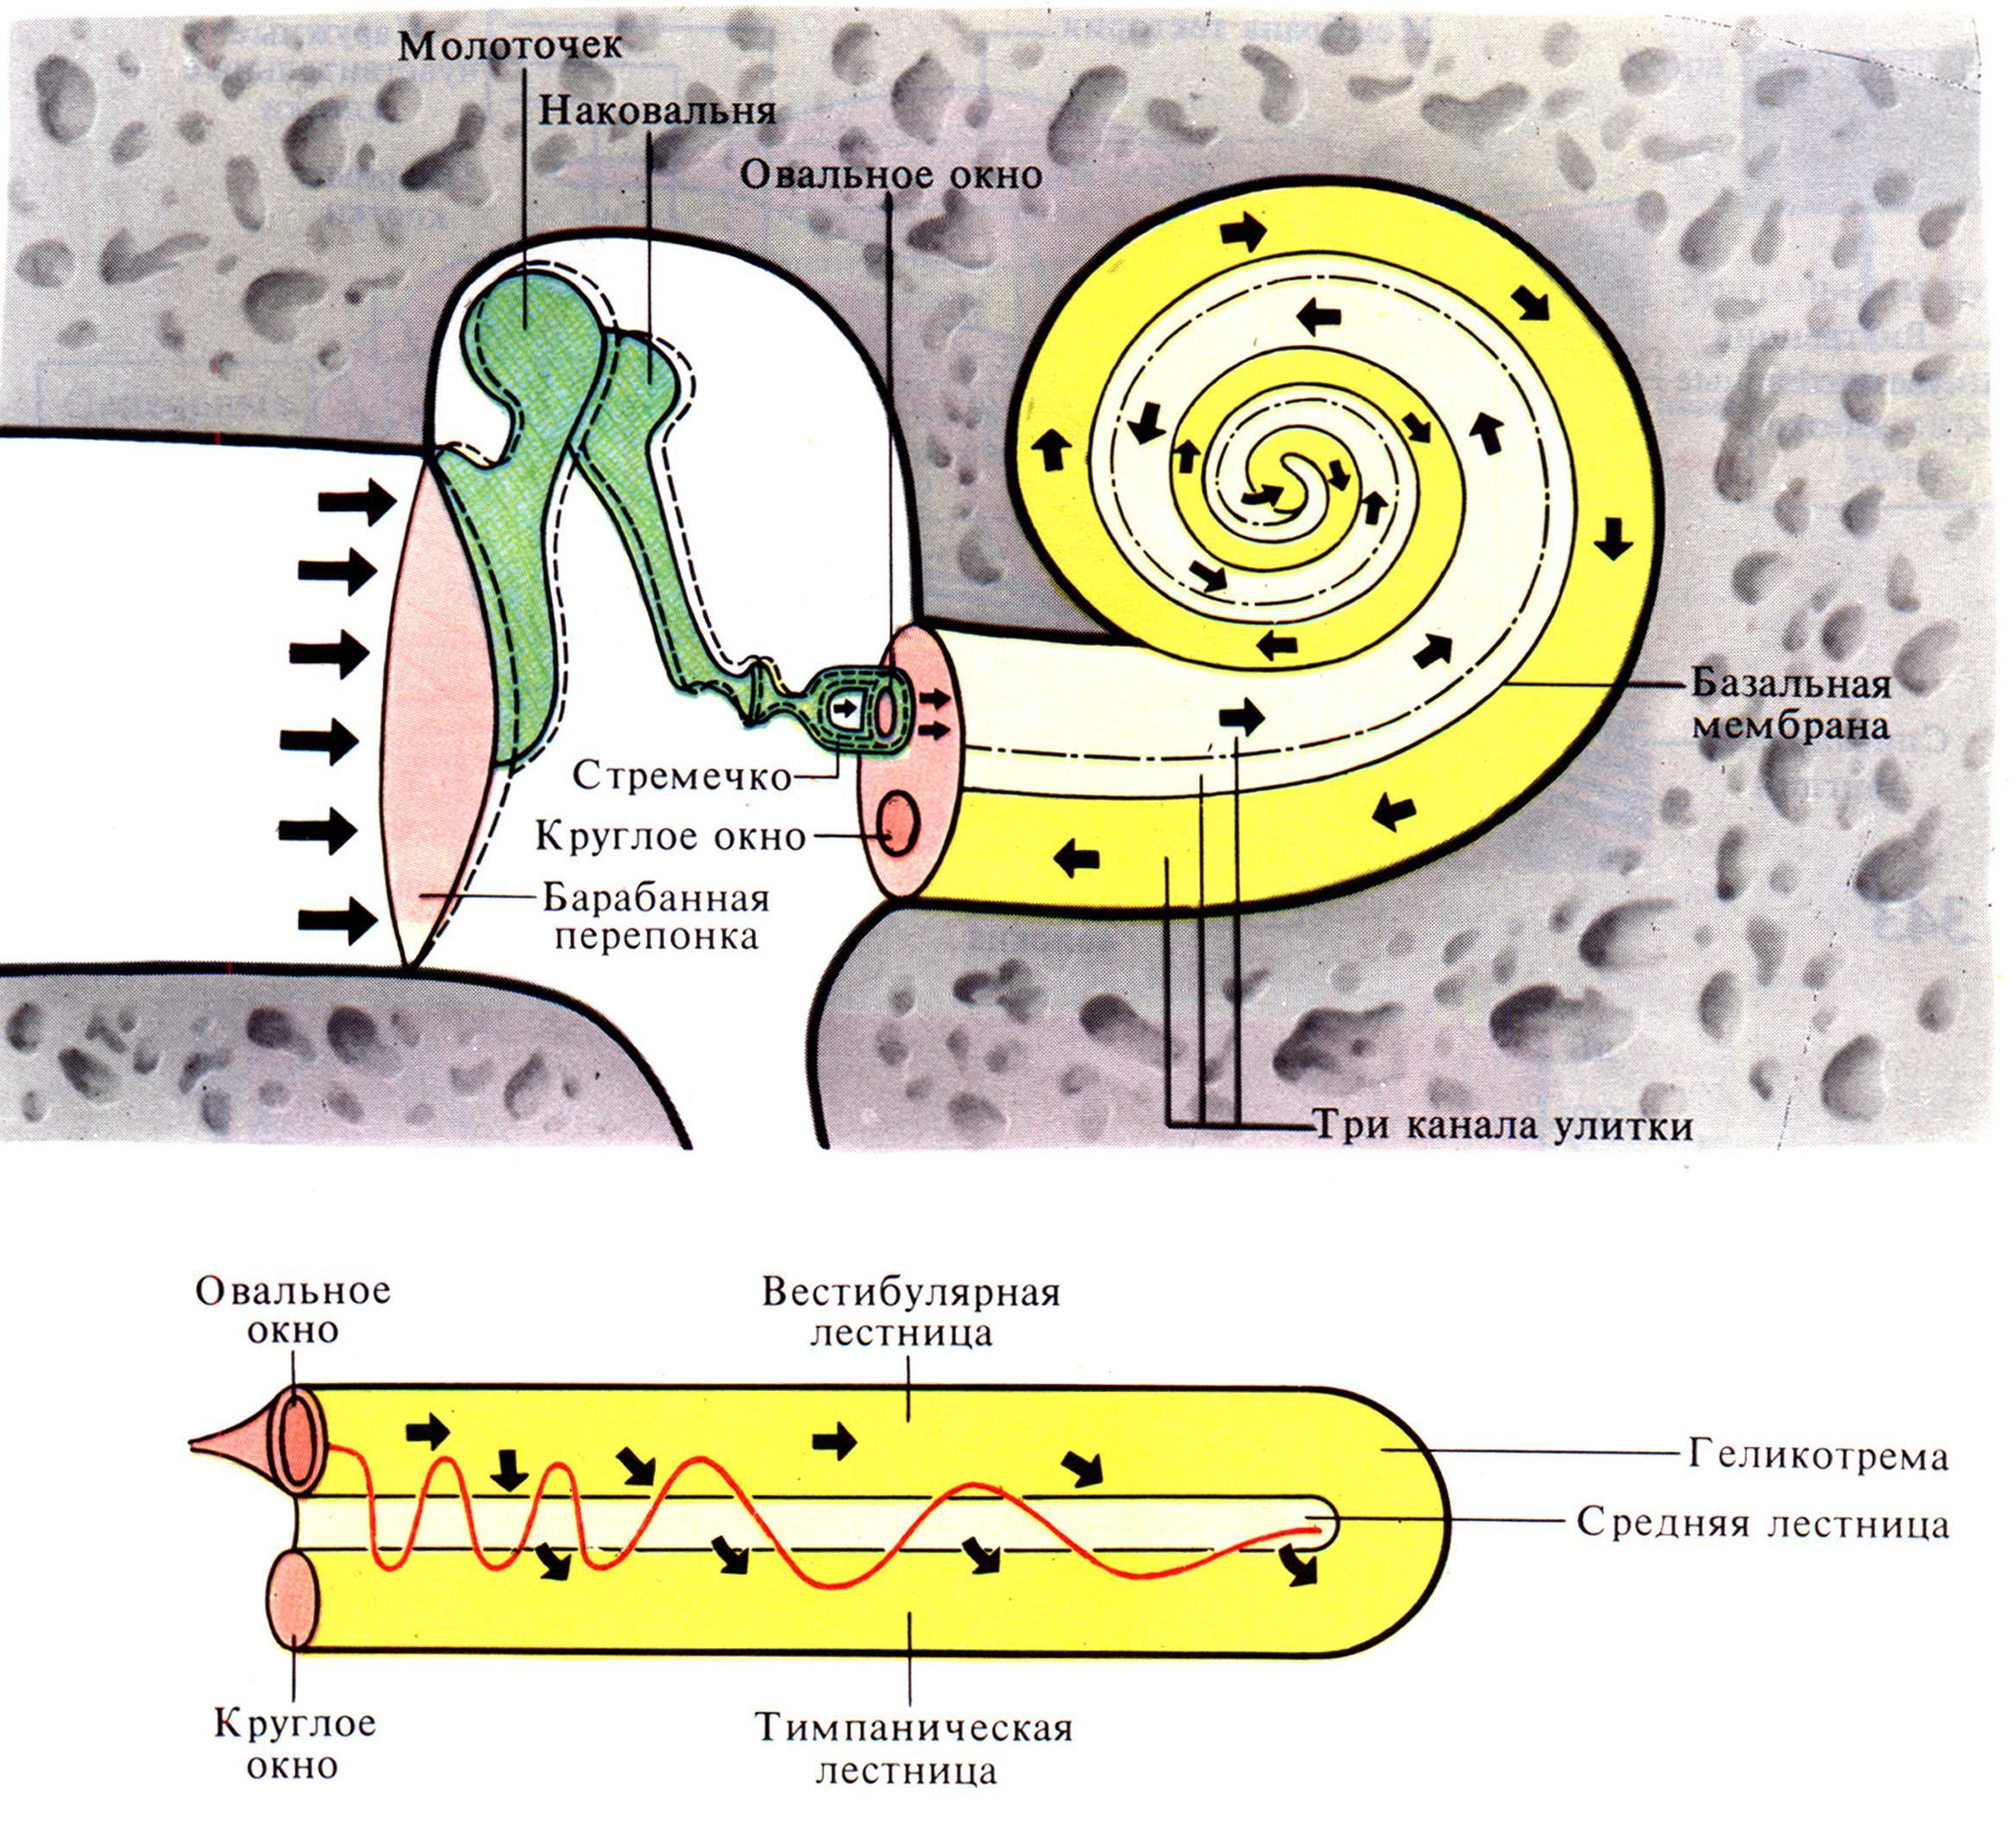 Схема распространения звуковых колебаний в слуховом анализаторе